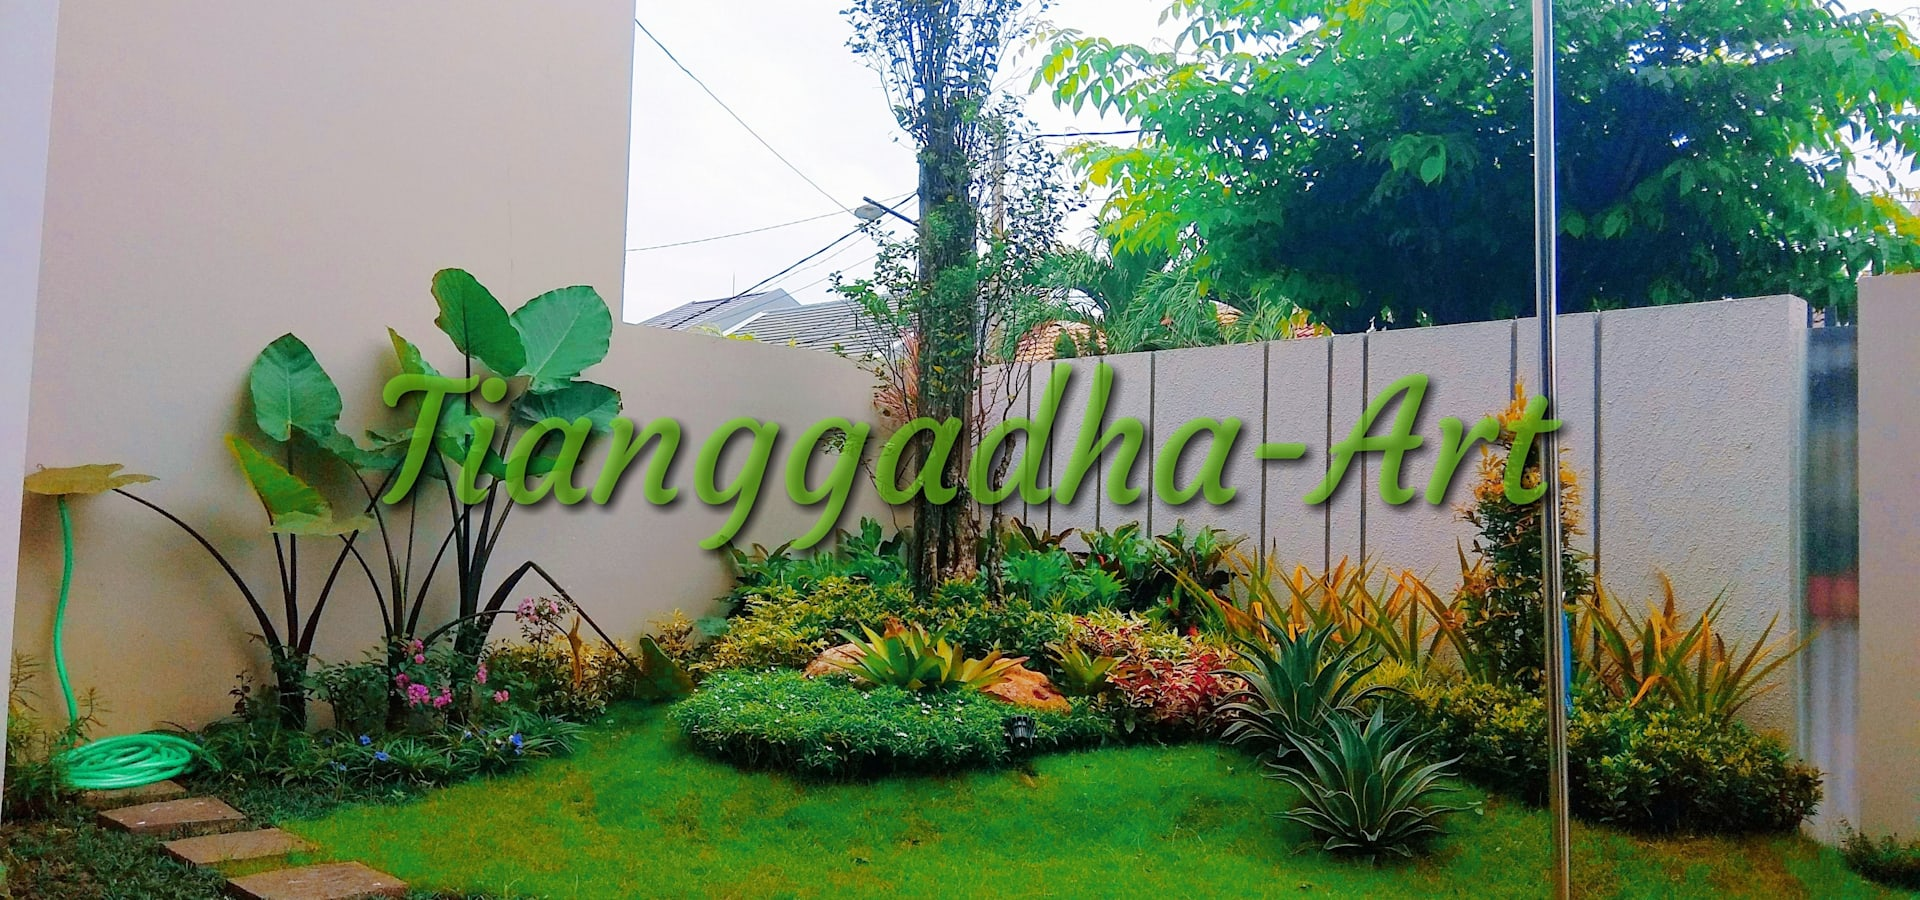 Tukang Taman Surabaya – Tianggadha-art